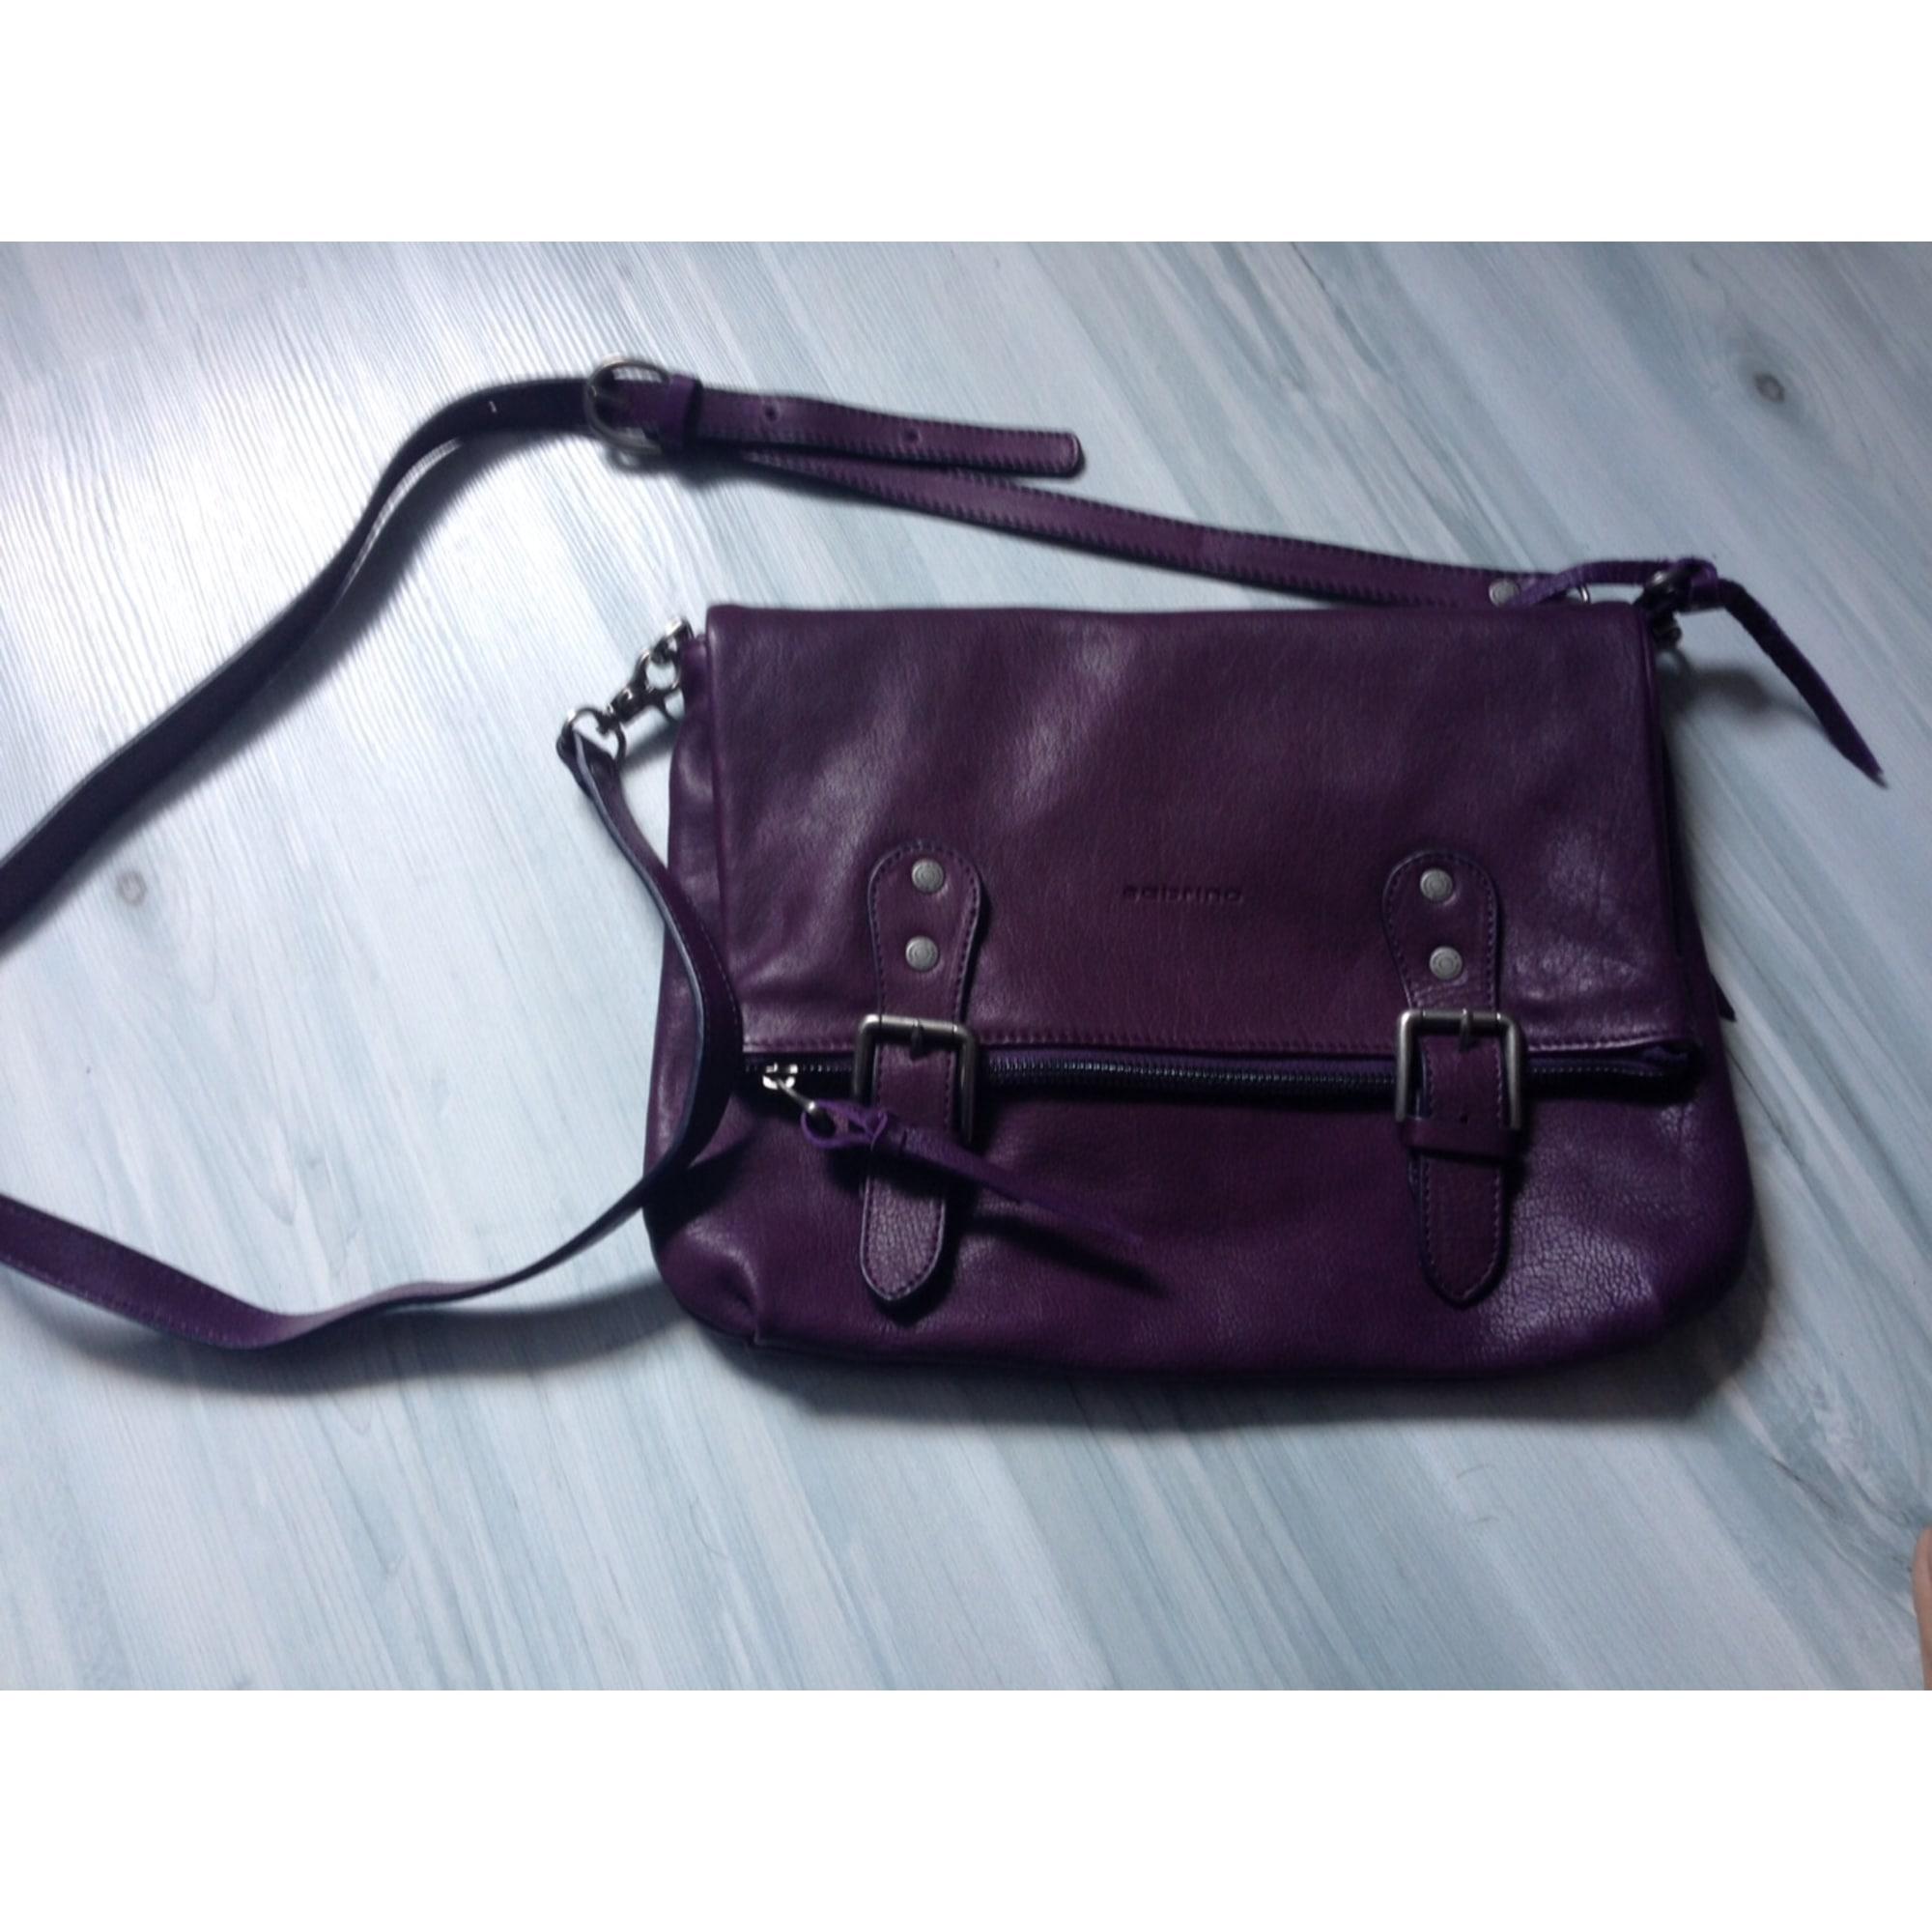 3ee2fb8ae29 Sac en bandoulière en cuir SABRINA violet vendu par Malice  s bags ...